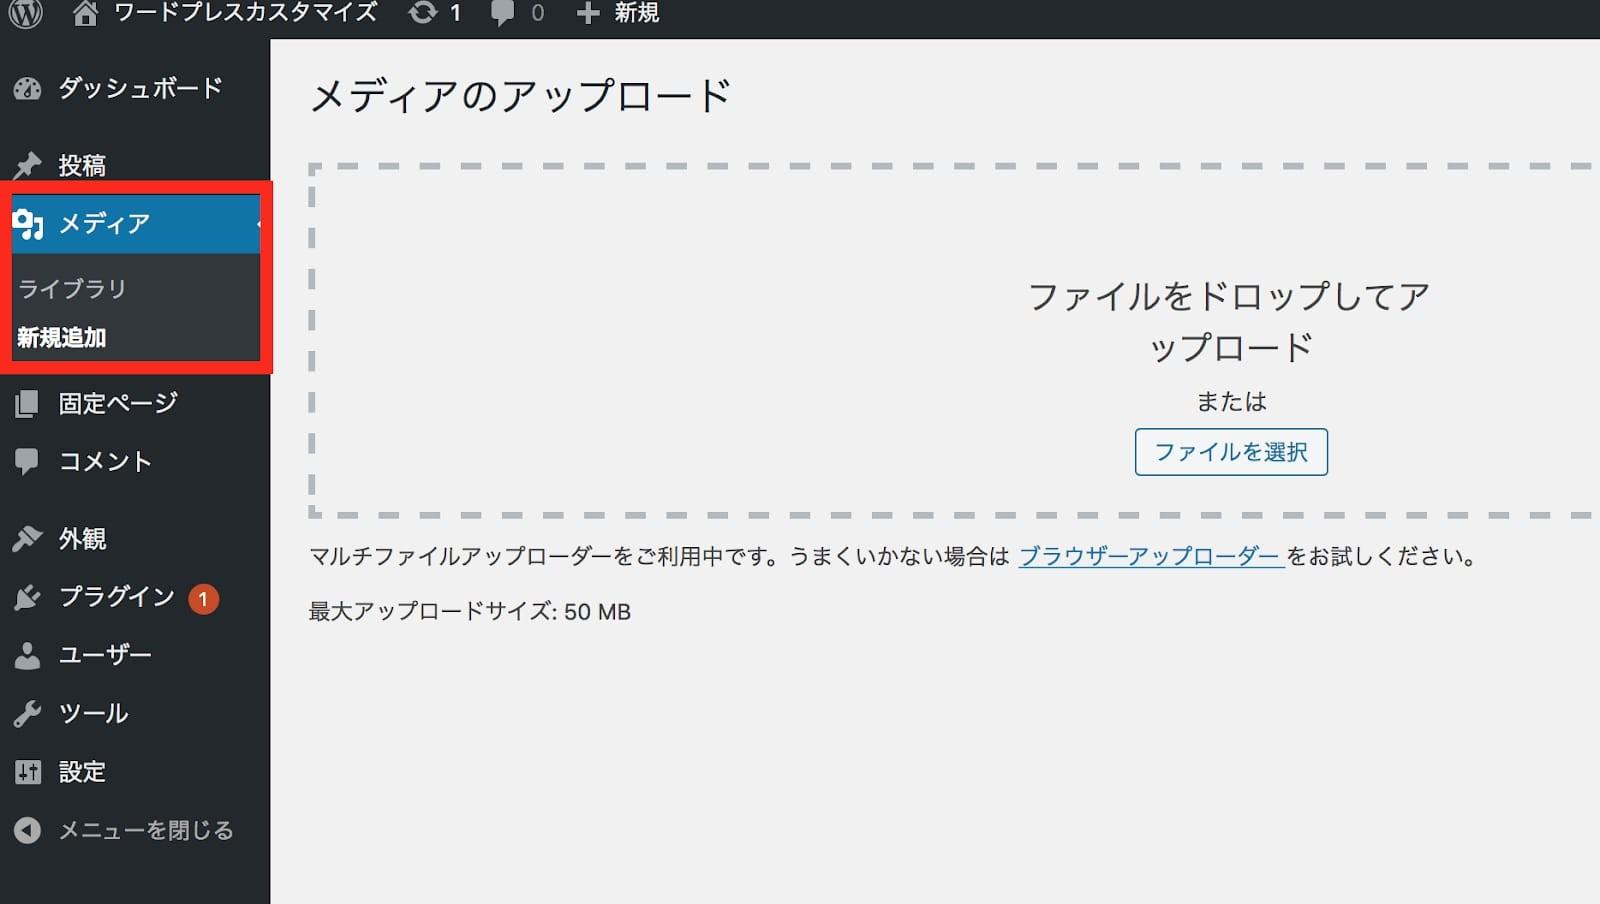 PHPを使ったファビコン表示